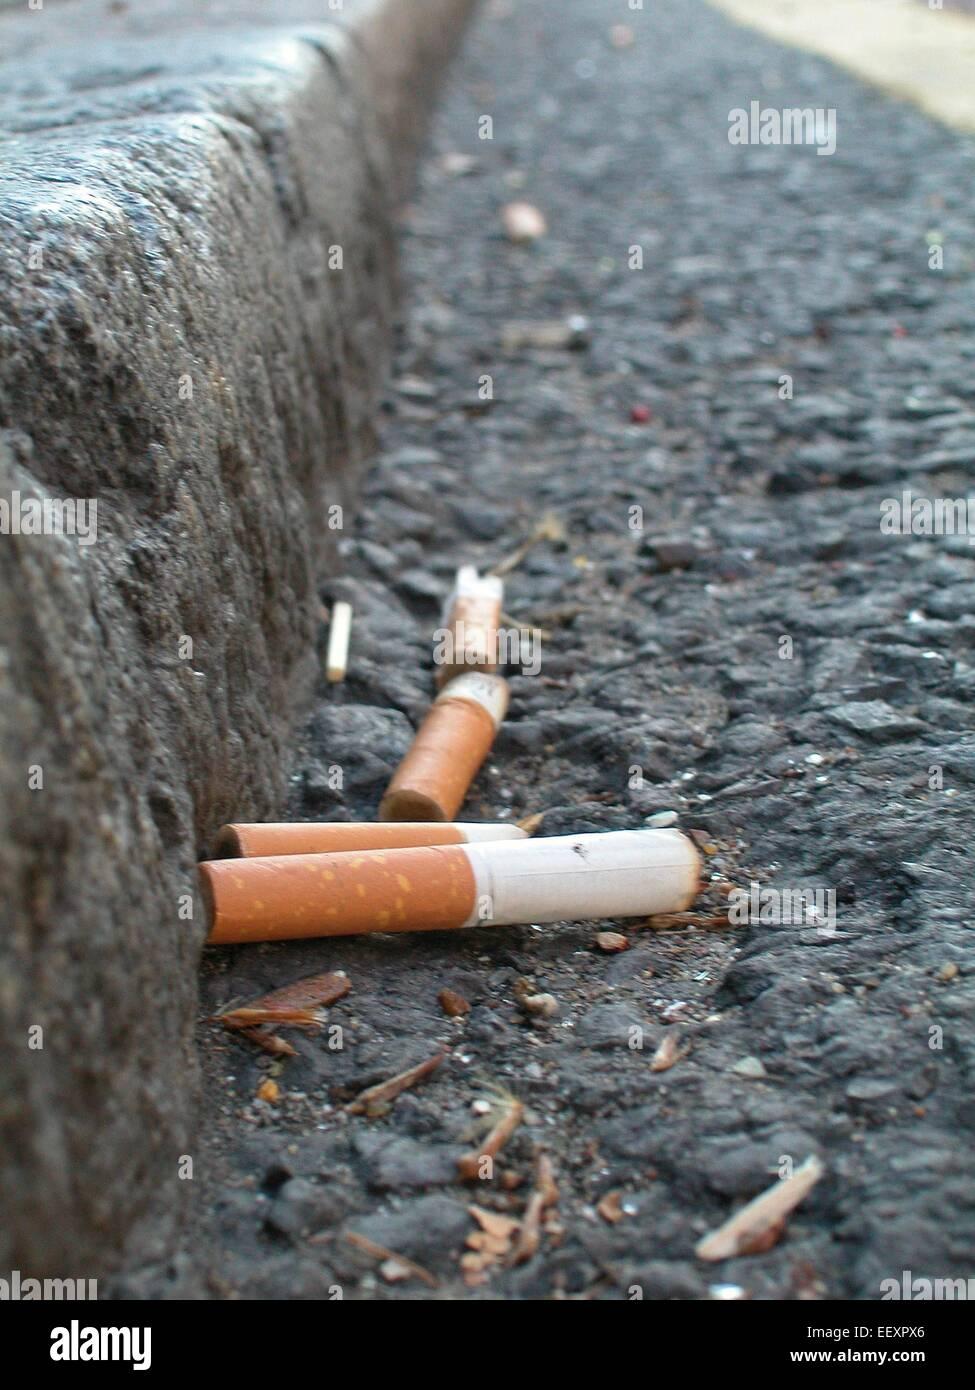 Sigaretta mozziconi di sigarette nella grondaia scartato materiale da fumo di lettiera problemi di salute Immagini Stock